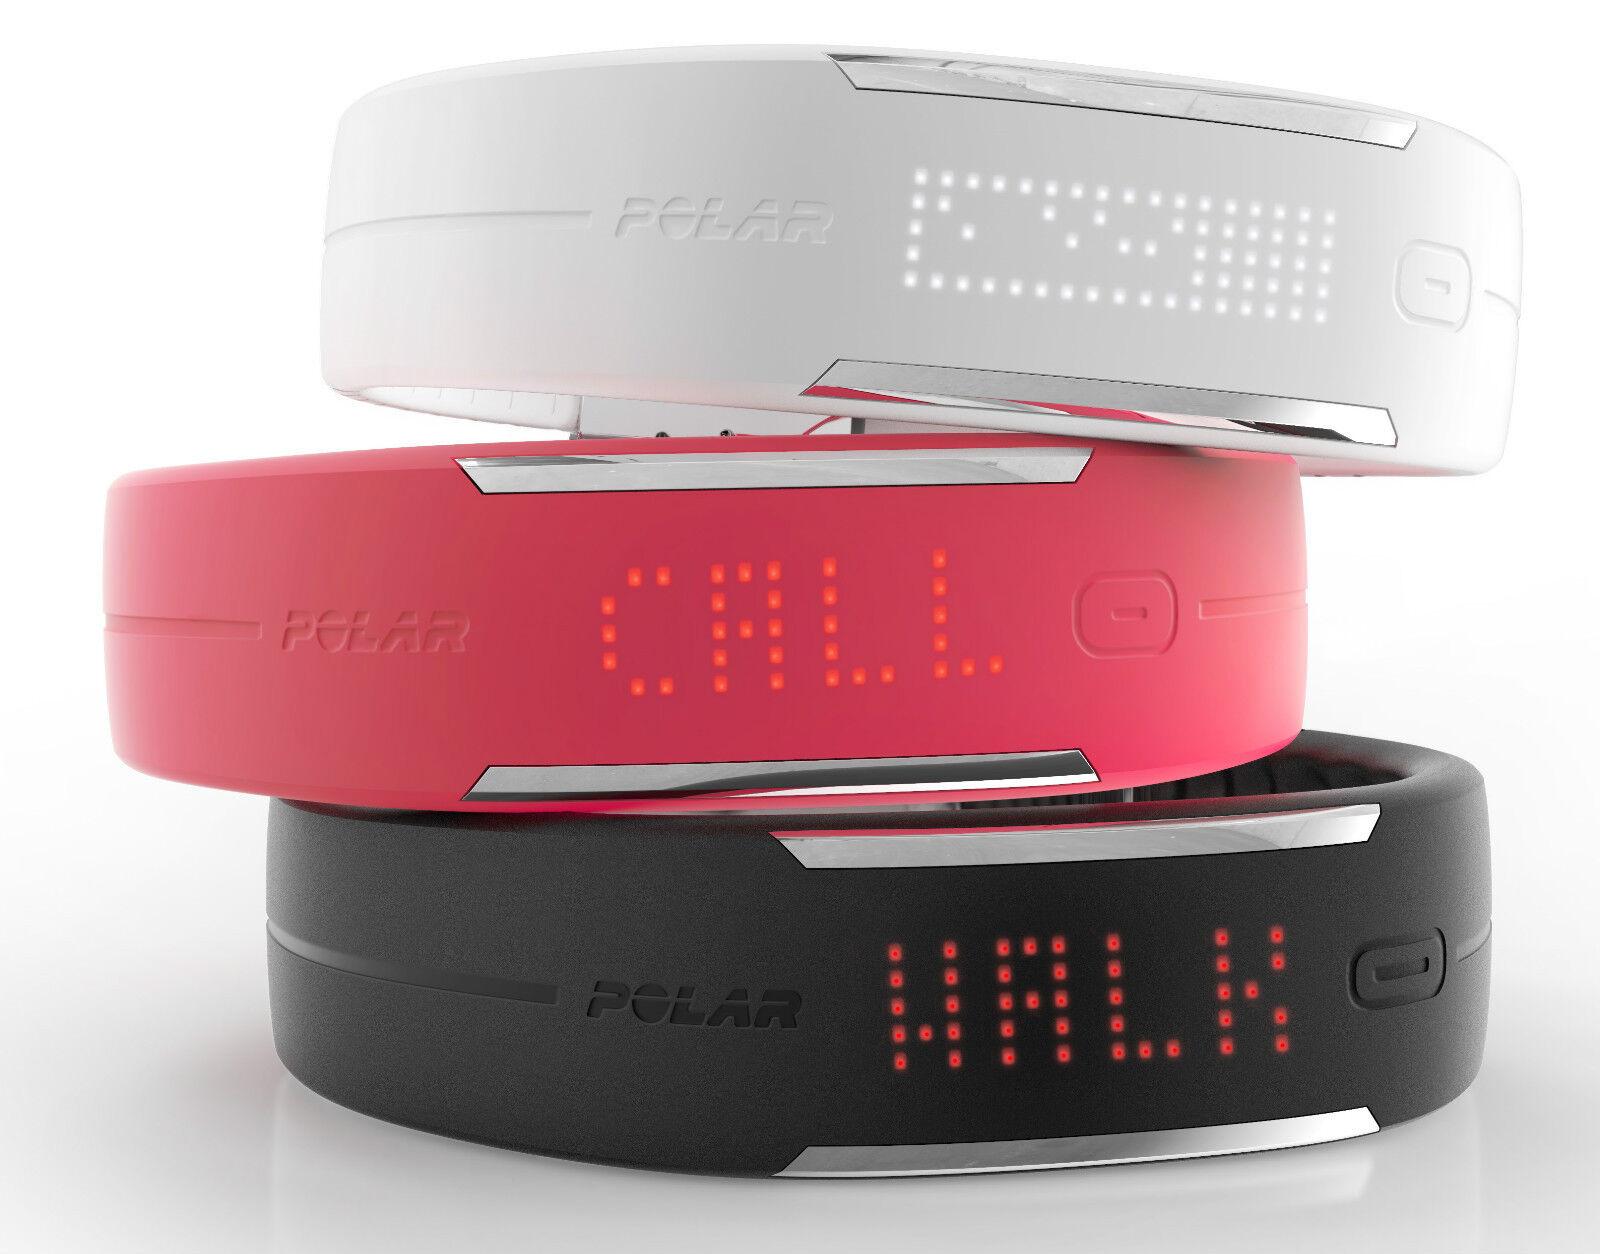 Uhr polar loop loop polar 2 noir,rose,weiß/Armbanduhr polar loop 2 schwarz,Rosa,weiß c35113